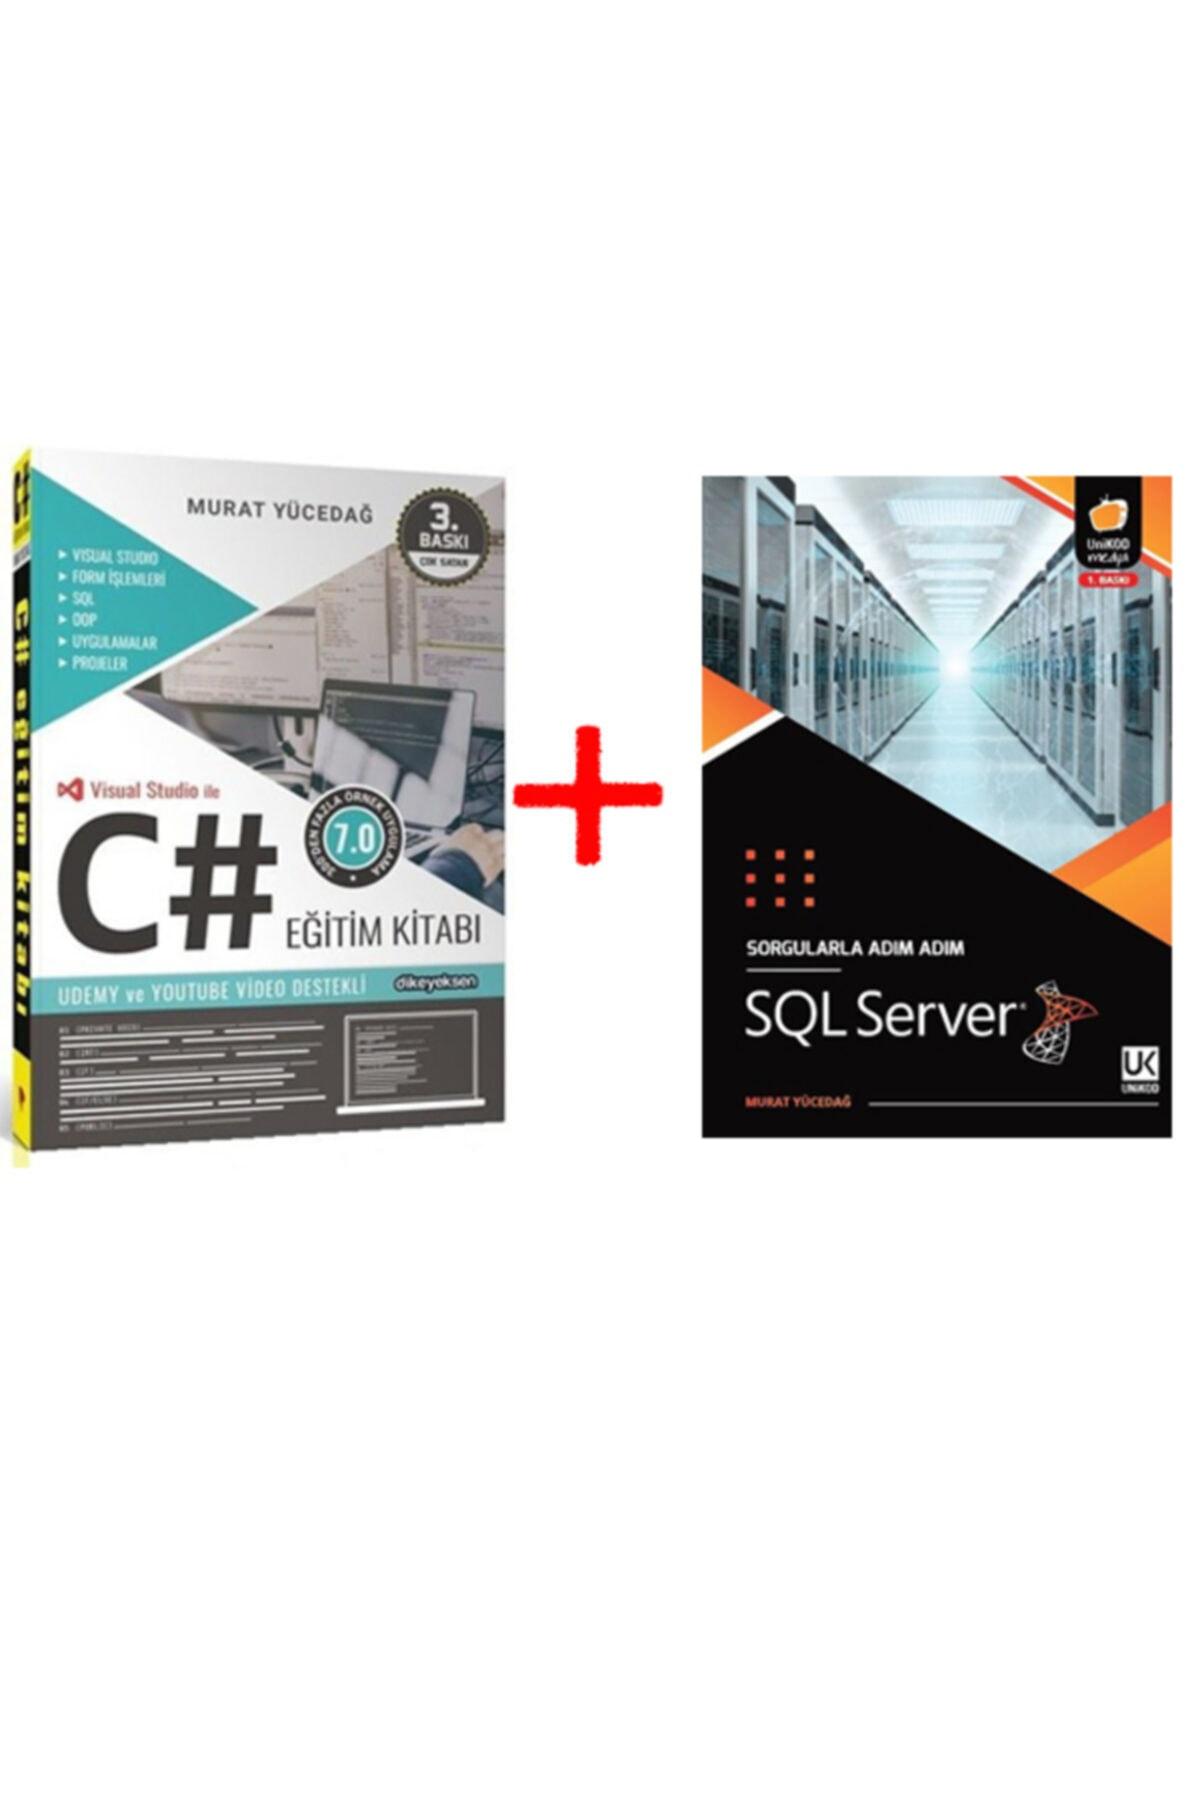 Sql Server Sorgularla Adım Adım Ve C# Eğitim Kitabı 3 Adet Kupon Murat Yücedağ